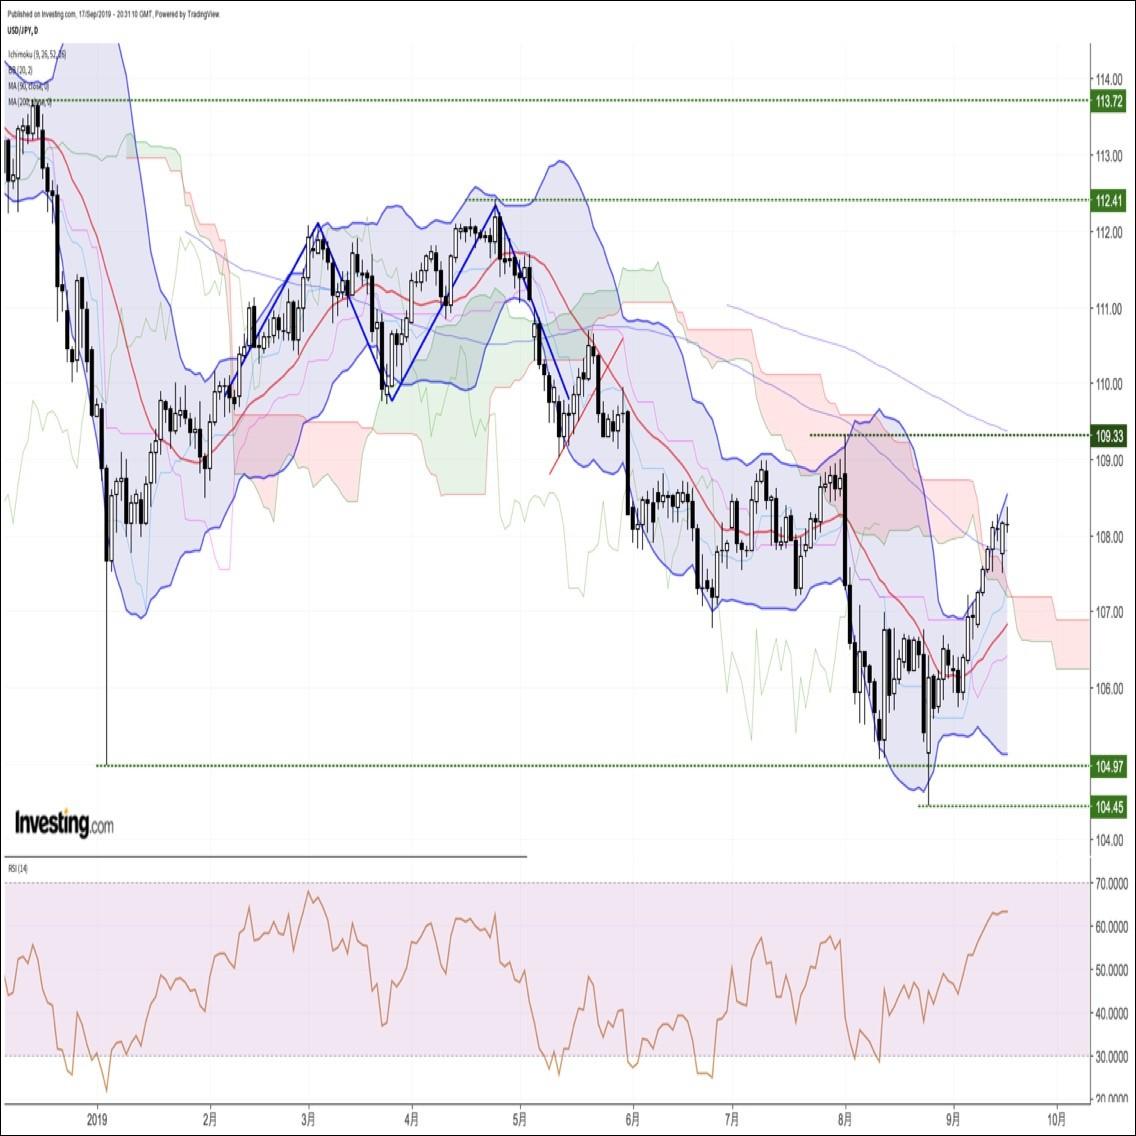 ドル円、高値更新も米FOMC(連邦公開市場委員会)を前に伸び悩む展開(9/18朝)